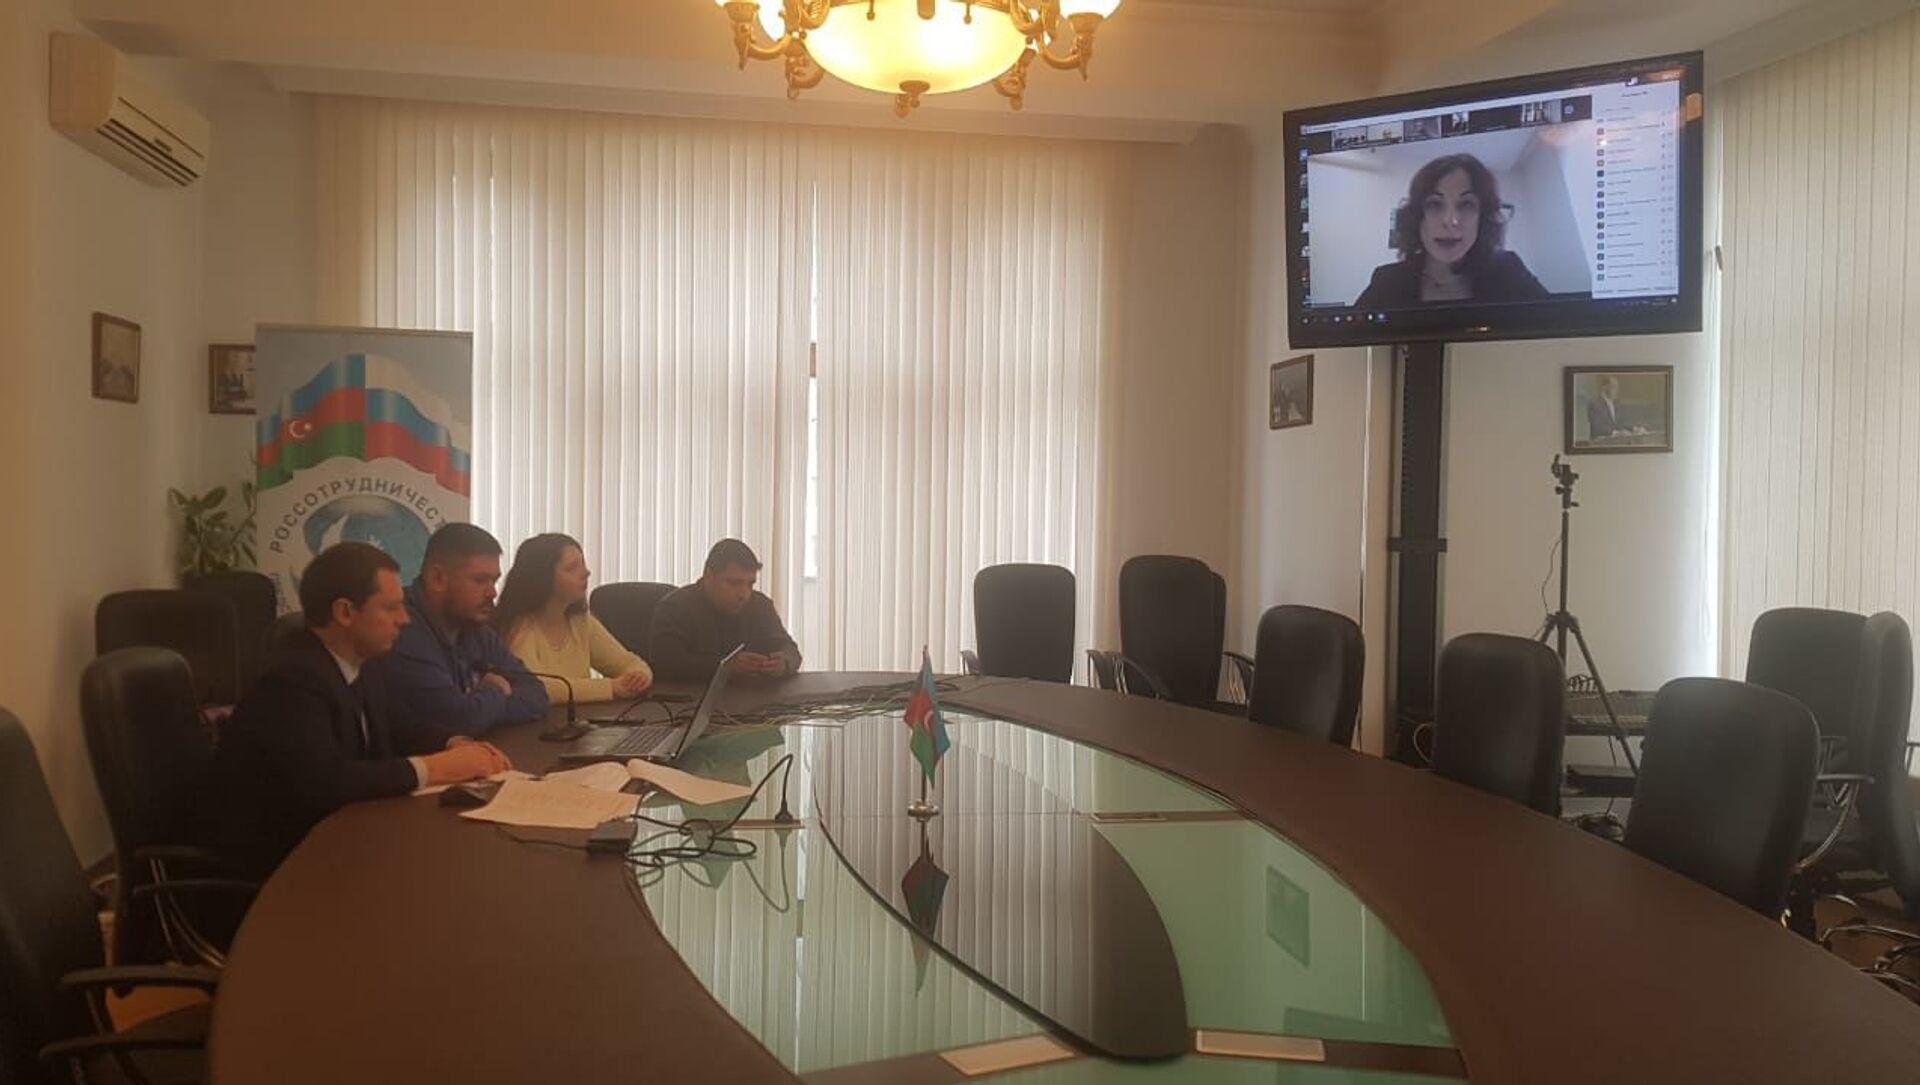 Встреча представителей азербайджанской молодежи и Росмолодежи - Sputnik Азербайджан, 1920, 05.02.2021